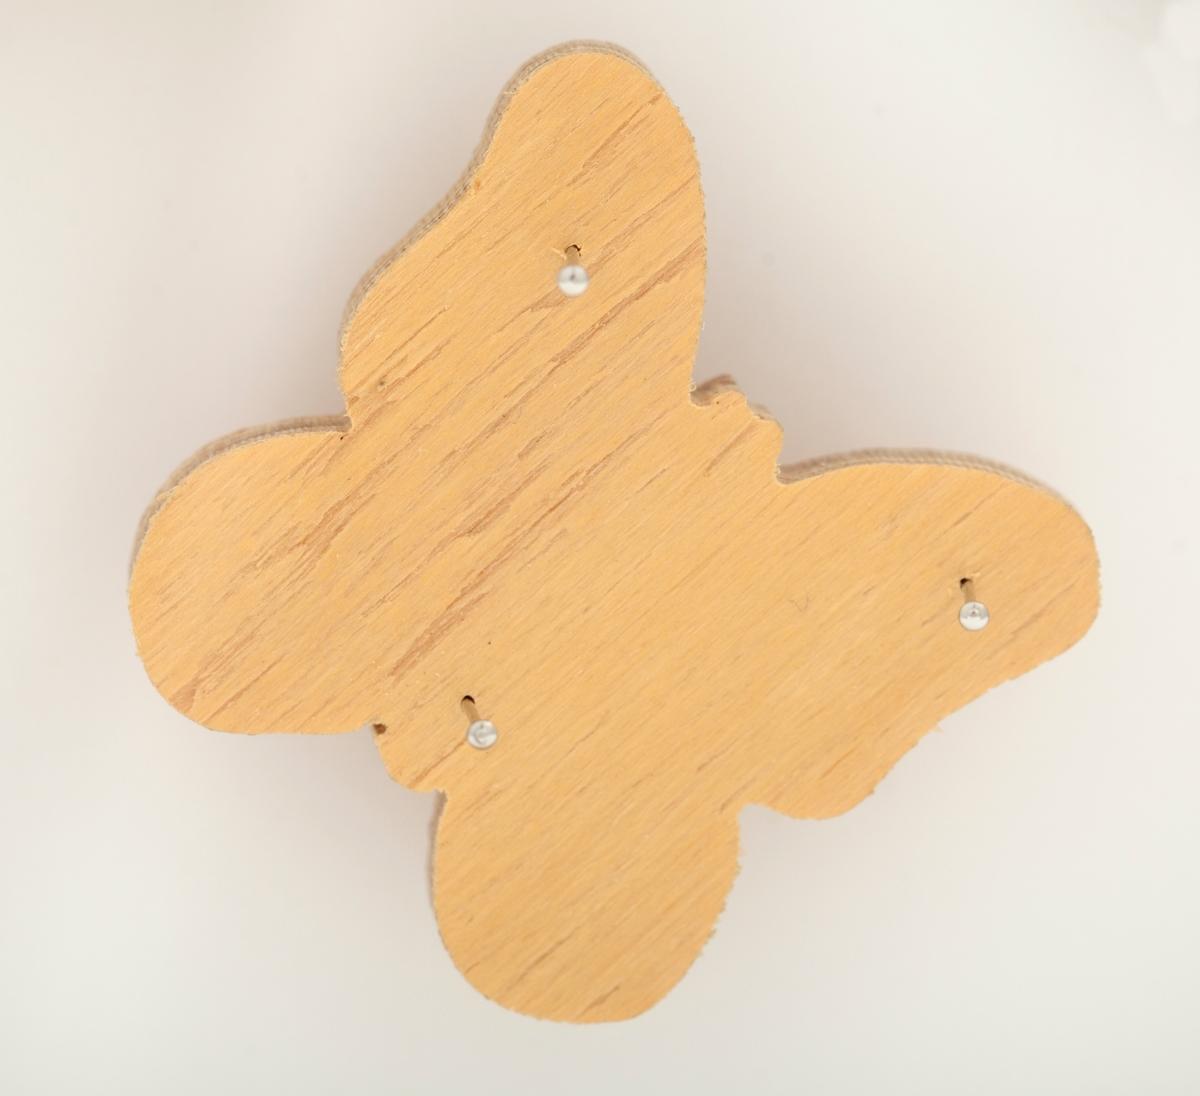 """Åtte """"samlerobjekt"""" utformet i tre.  Del av veggobjekt.   En rektangulær, avlang treplate med et geometrisk mønster som ligner et åkle. Mønsteret er brodert med svart tråd gjennom små perforeringer i treplaten.   Et ovalt miniatyrbilde med gullramme og et brodert tempel i blå-nyanser.  Seks sommerfugler med samme form, men ulik utforming:  To hvitmalte sommerfugler med broderier i henholdsvis lys gul-oransje tråd og rød og rosa tråder.  To trefargede sommerfugler med broderier i henholdvis beige tråd og svart tråd.  To trefargede sommerfugler uten broderier."""